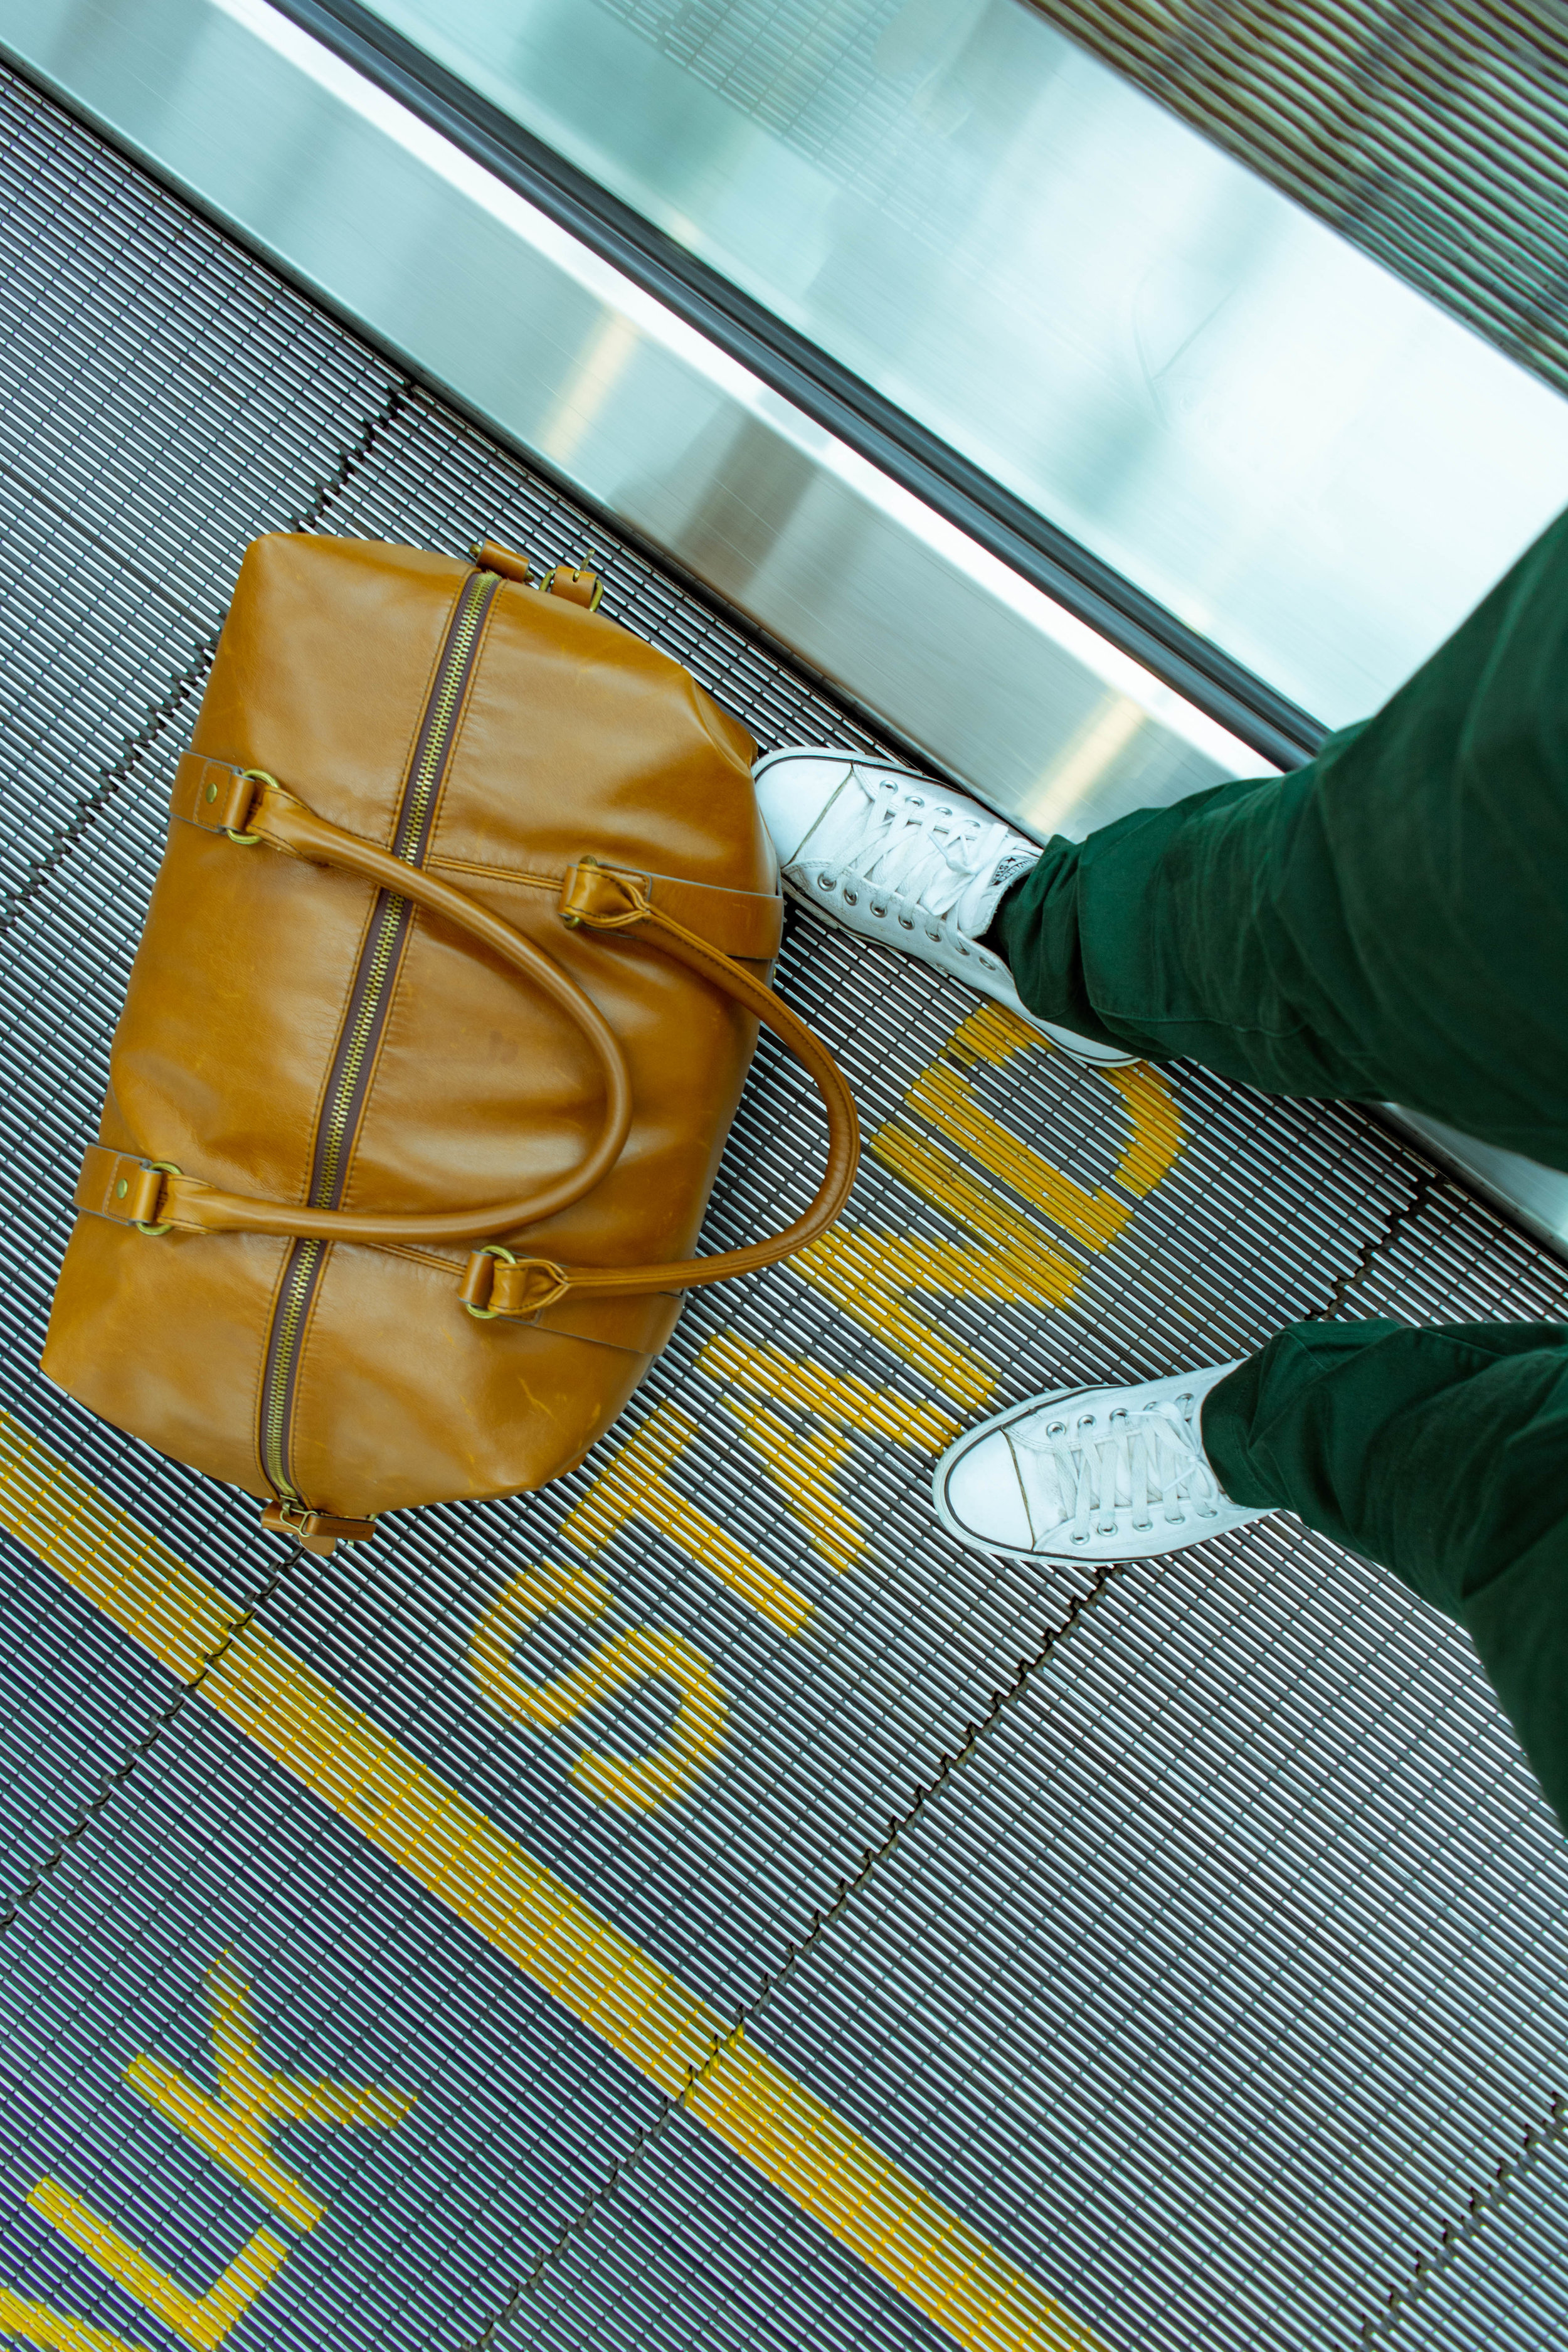 4. A veces los sellos del equipaje se equivocan, lo que provoca que se pierdan - 5 segundos son suficientes para cambiar los sellos de una maleta. En el aeropuerto de salida, no olvides cambiarle el de tu ex. Asegúrate de escoger un destino tan extraño que no recuerdes el nombre.